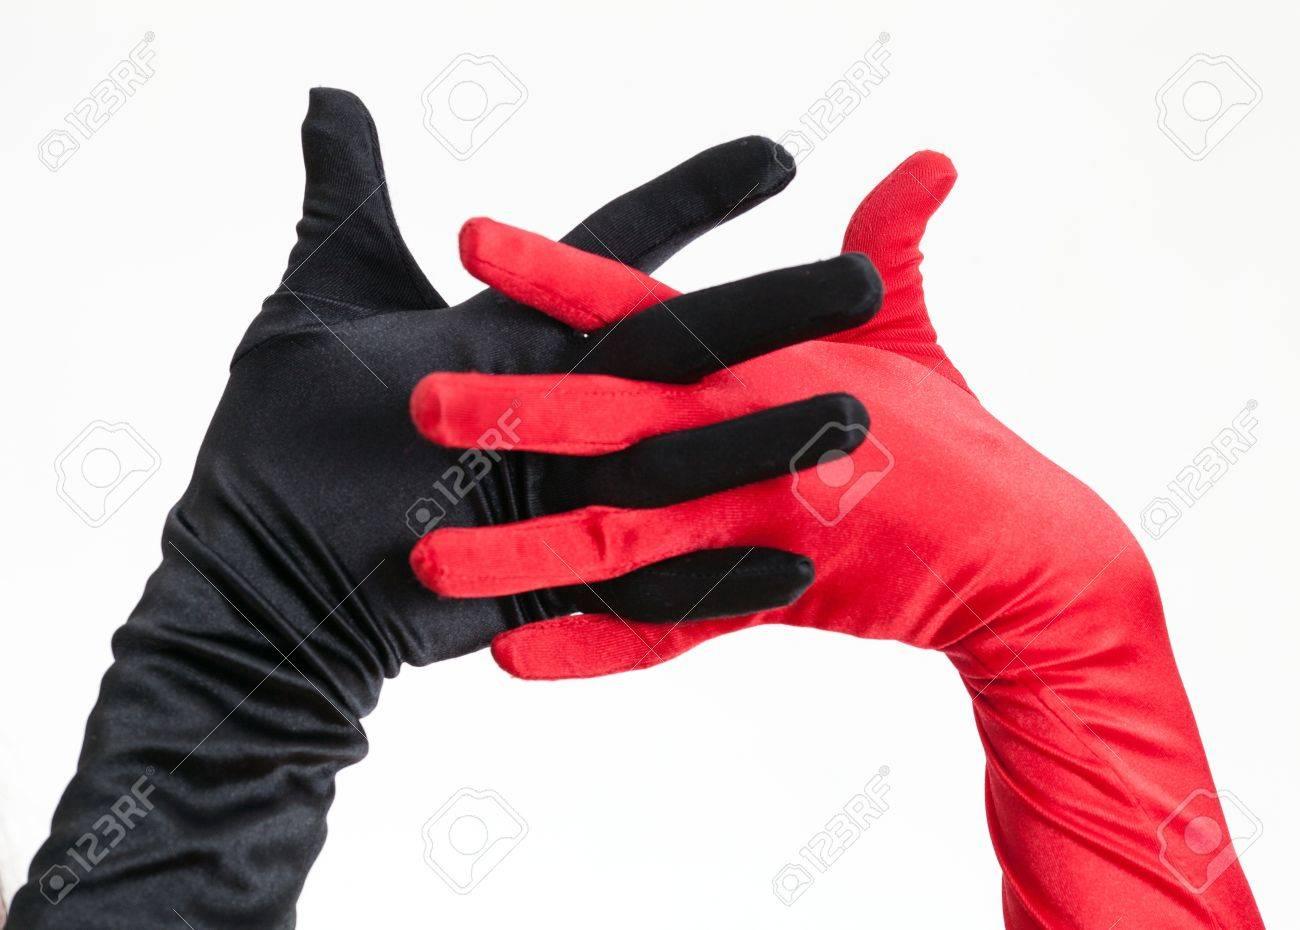 zhenskie-ruki-fetish